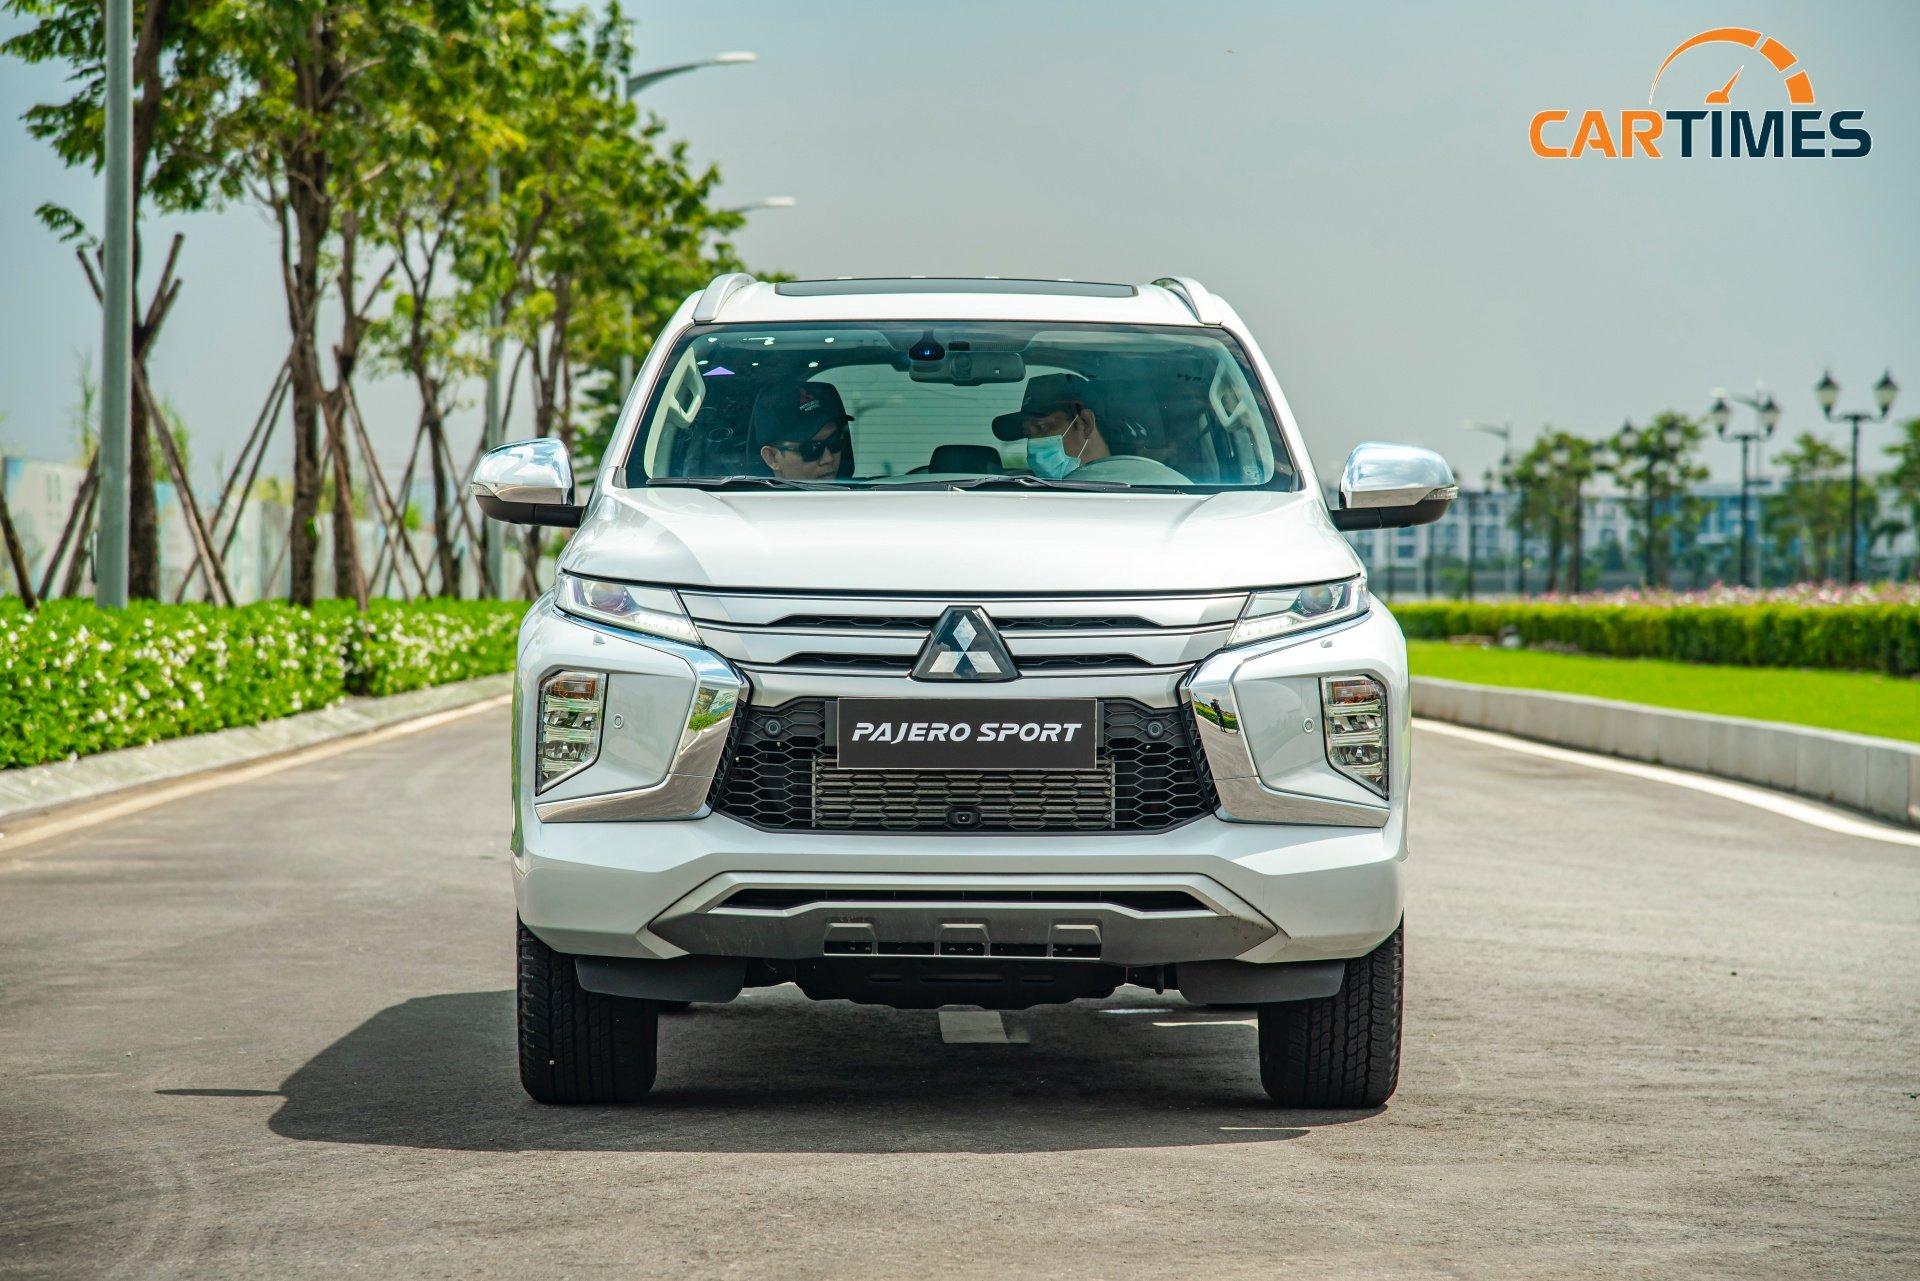 Cận cảnh xe Mitsubishi Pajero Sport 2020: Thêm trang bị an toàn, tối ưu vận hành